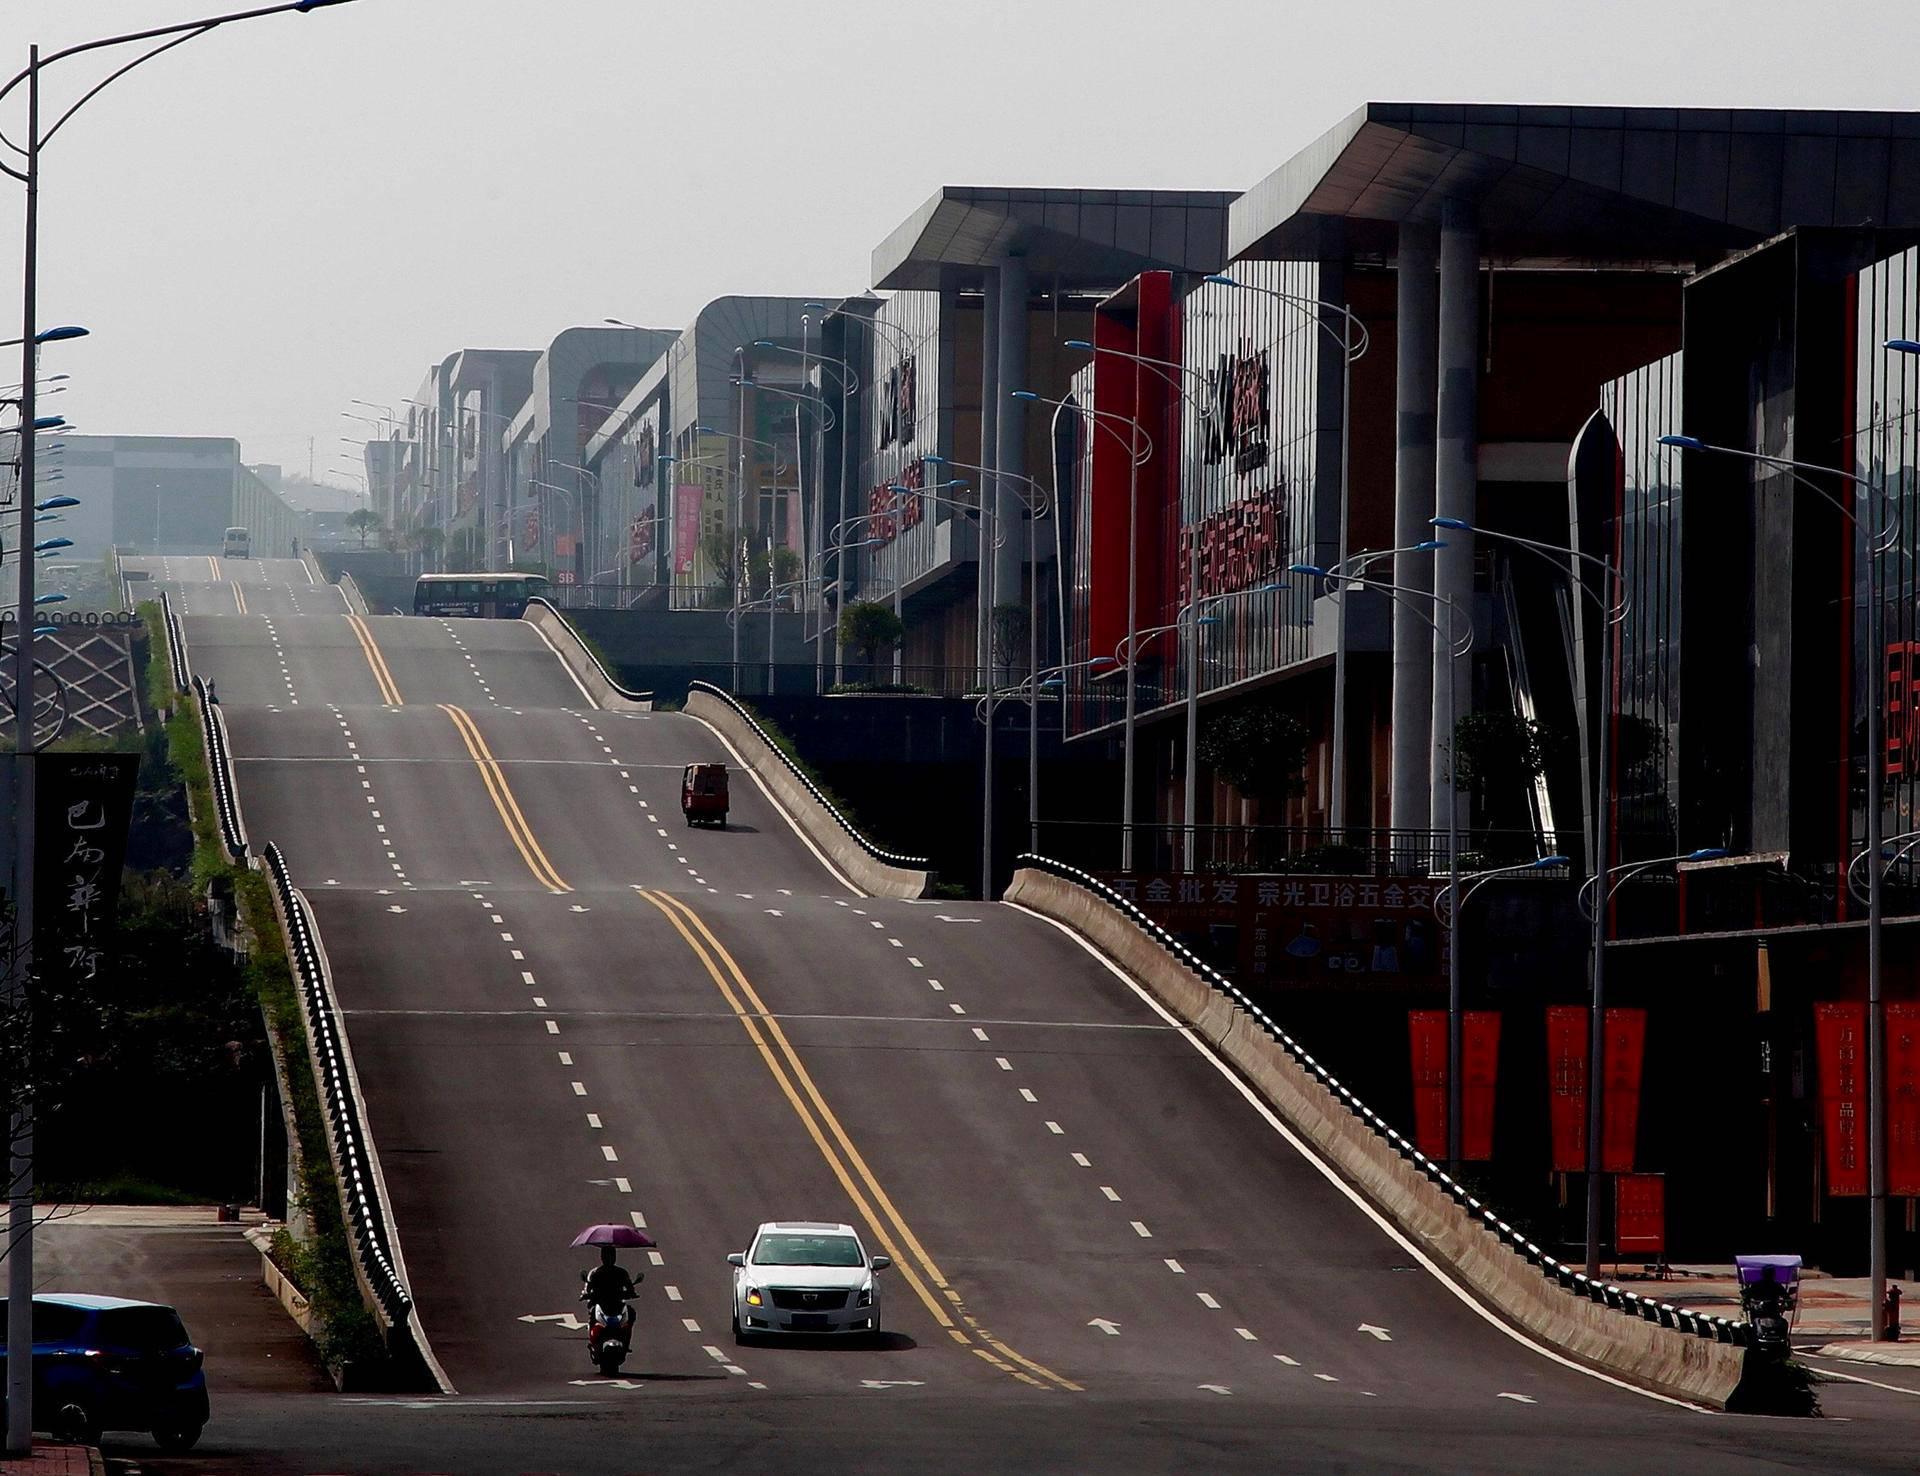 Kiinalaisessa Chongqingin kaupungissa on aaltoileva ramppi.